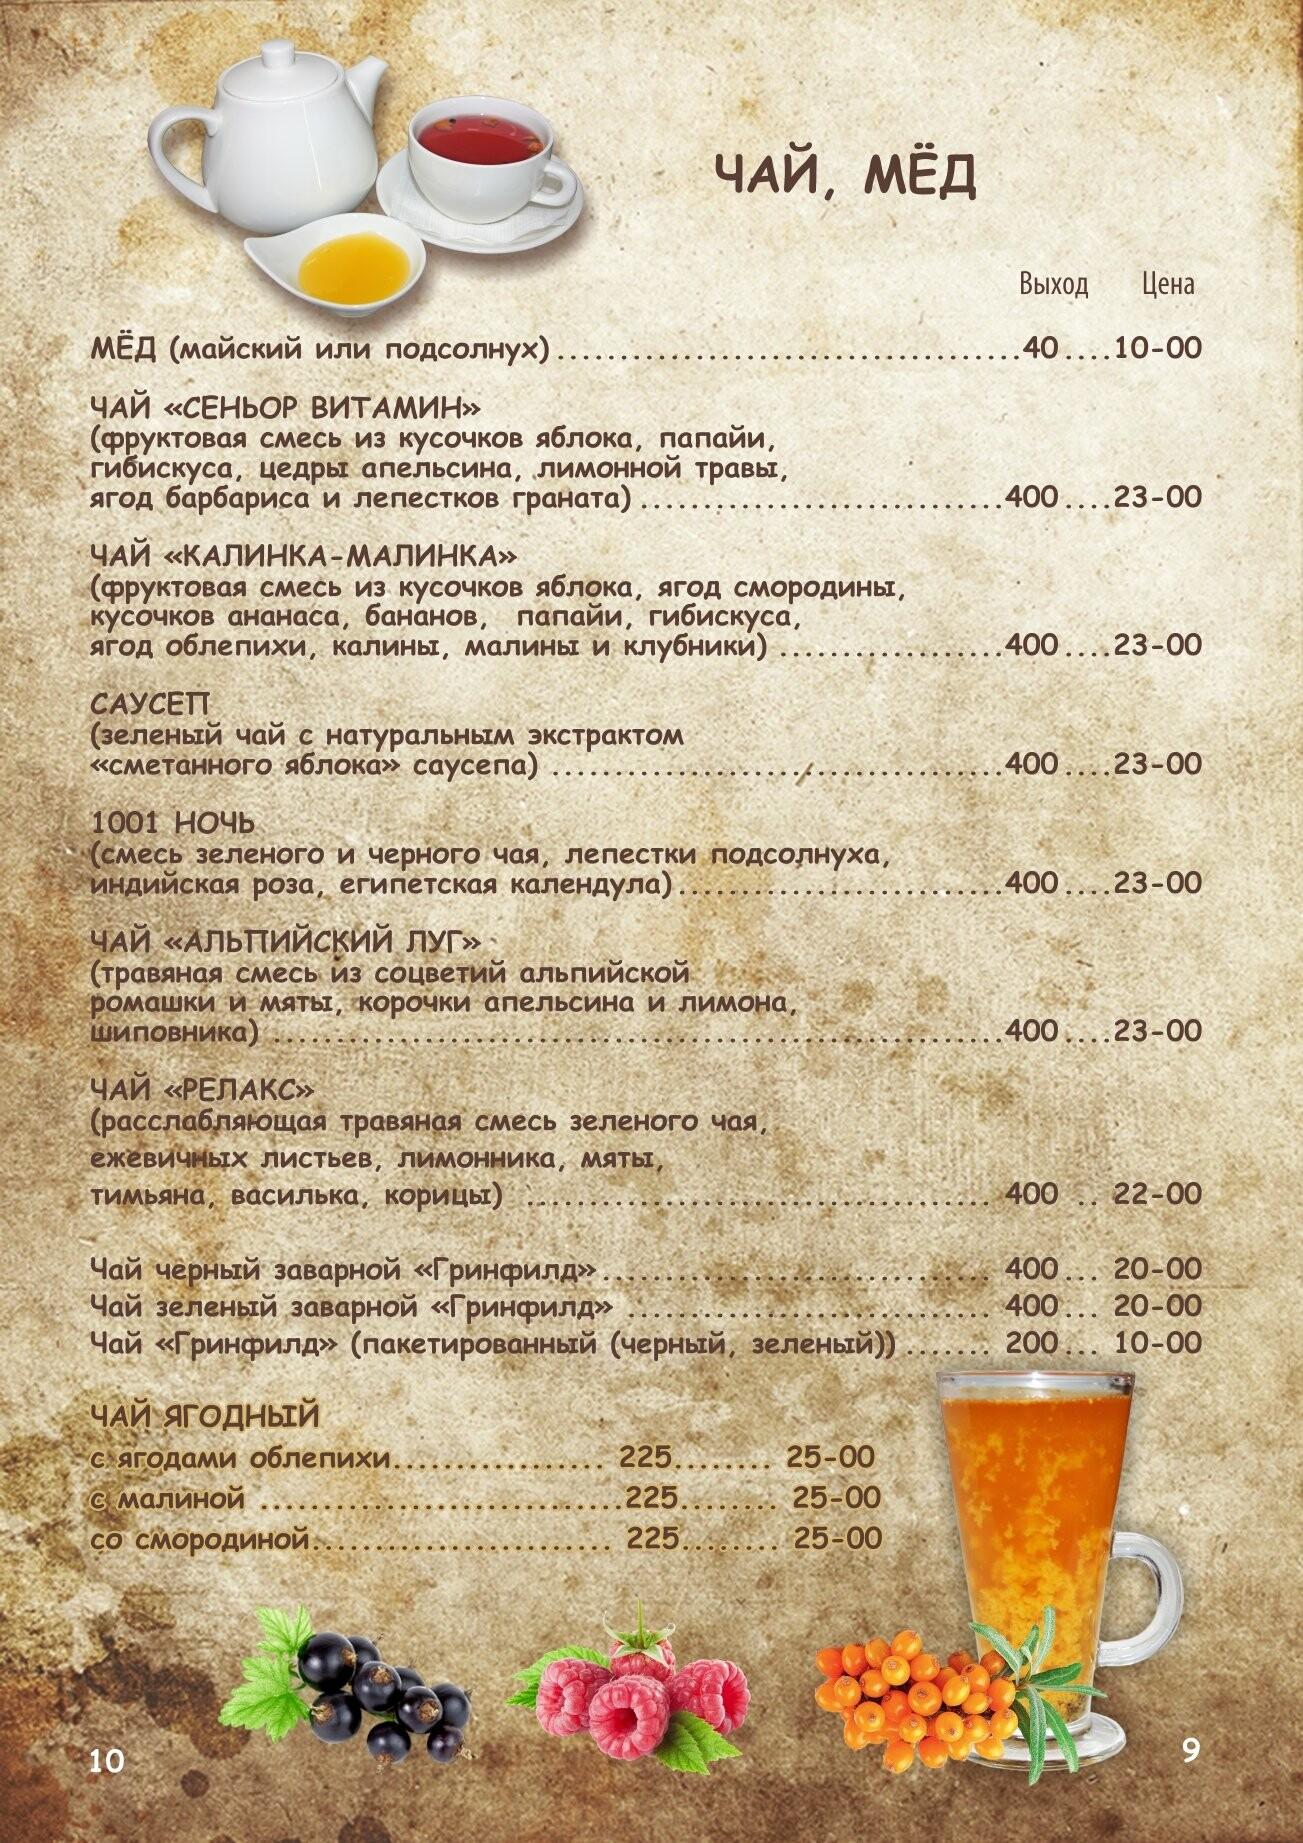 Алкогольное меню, фото-9